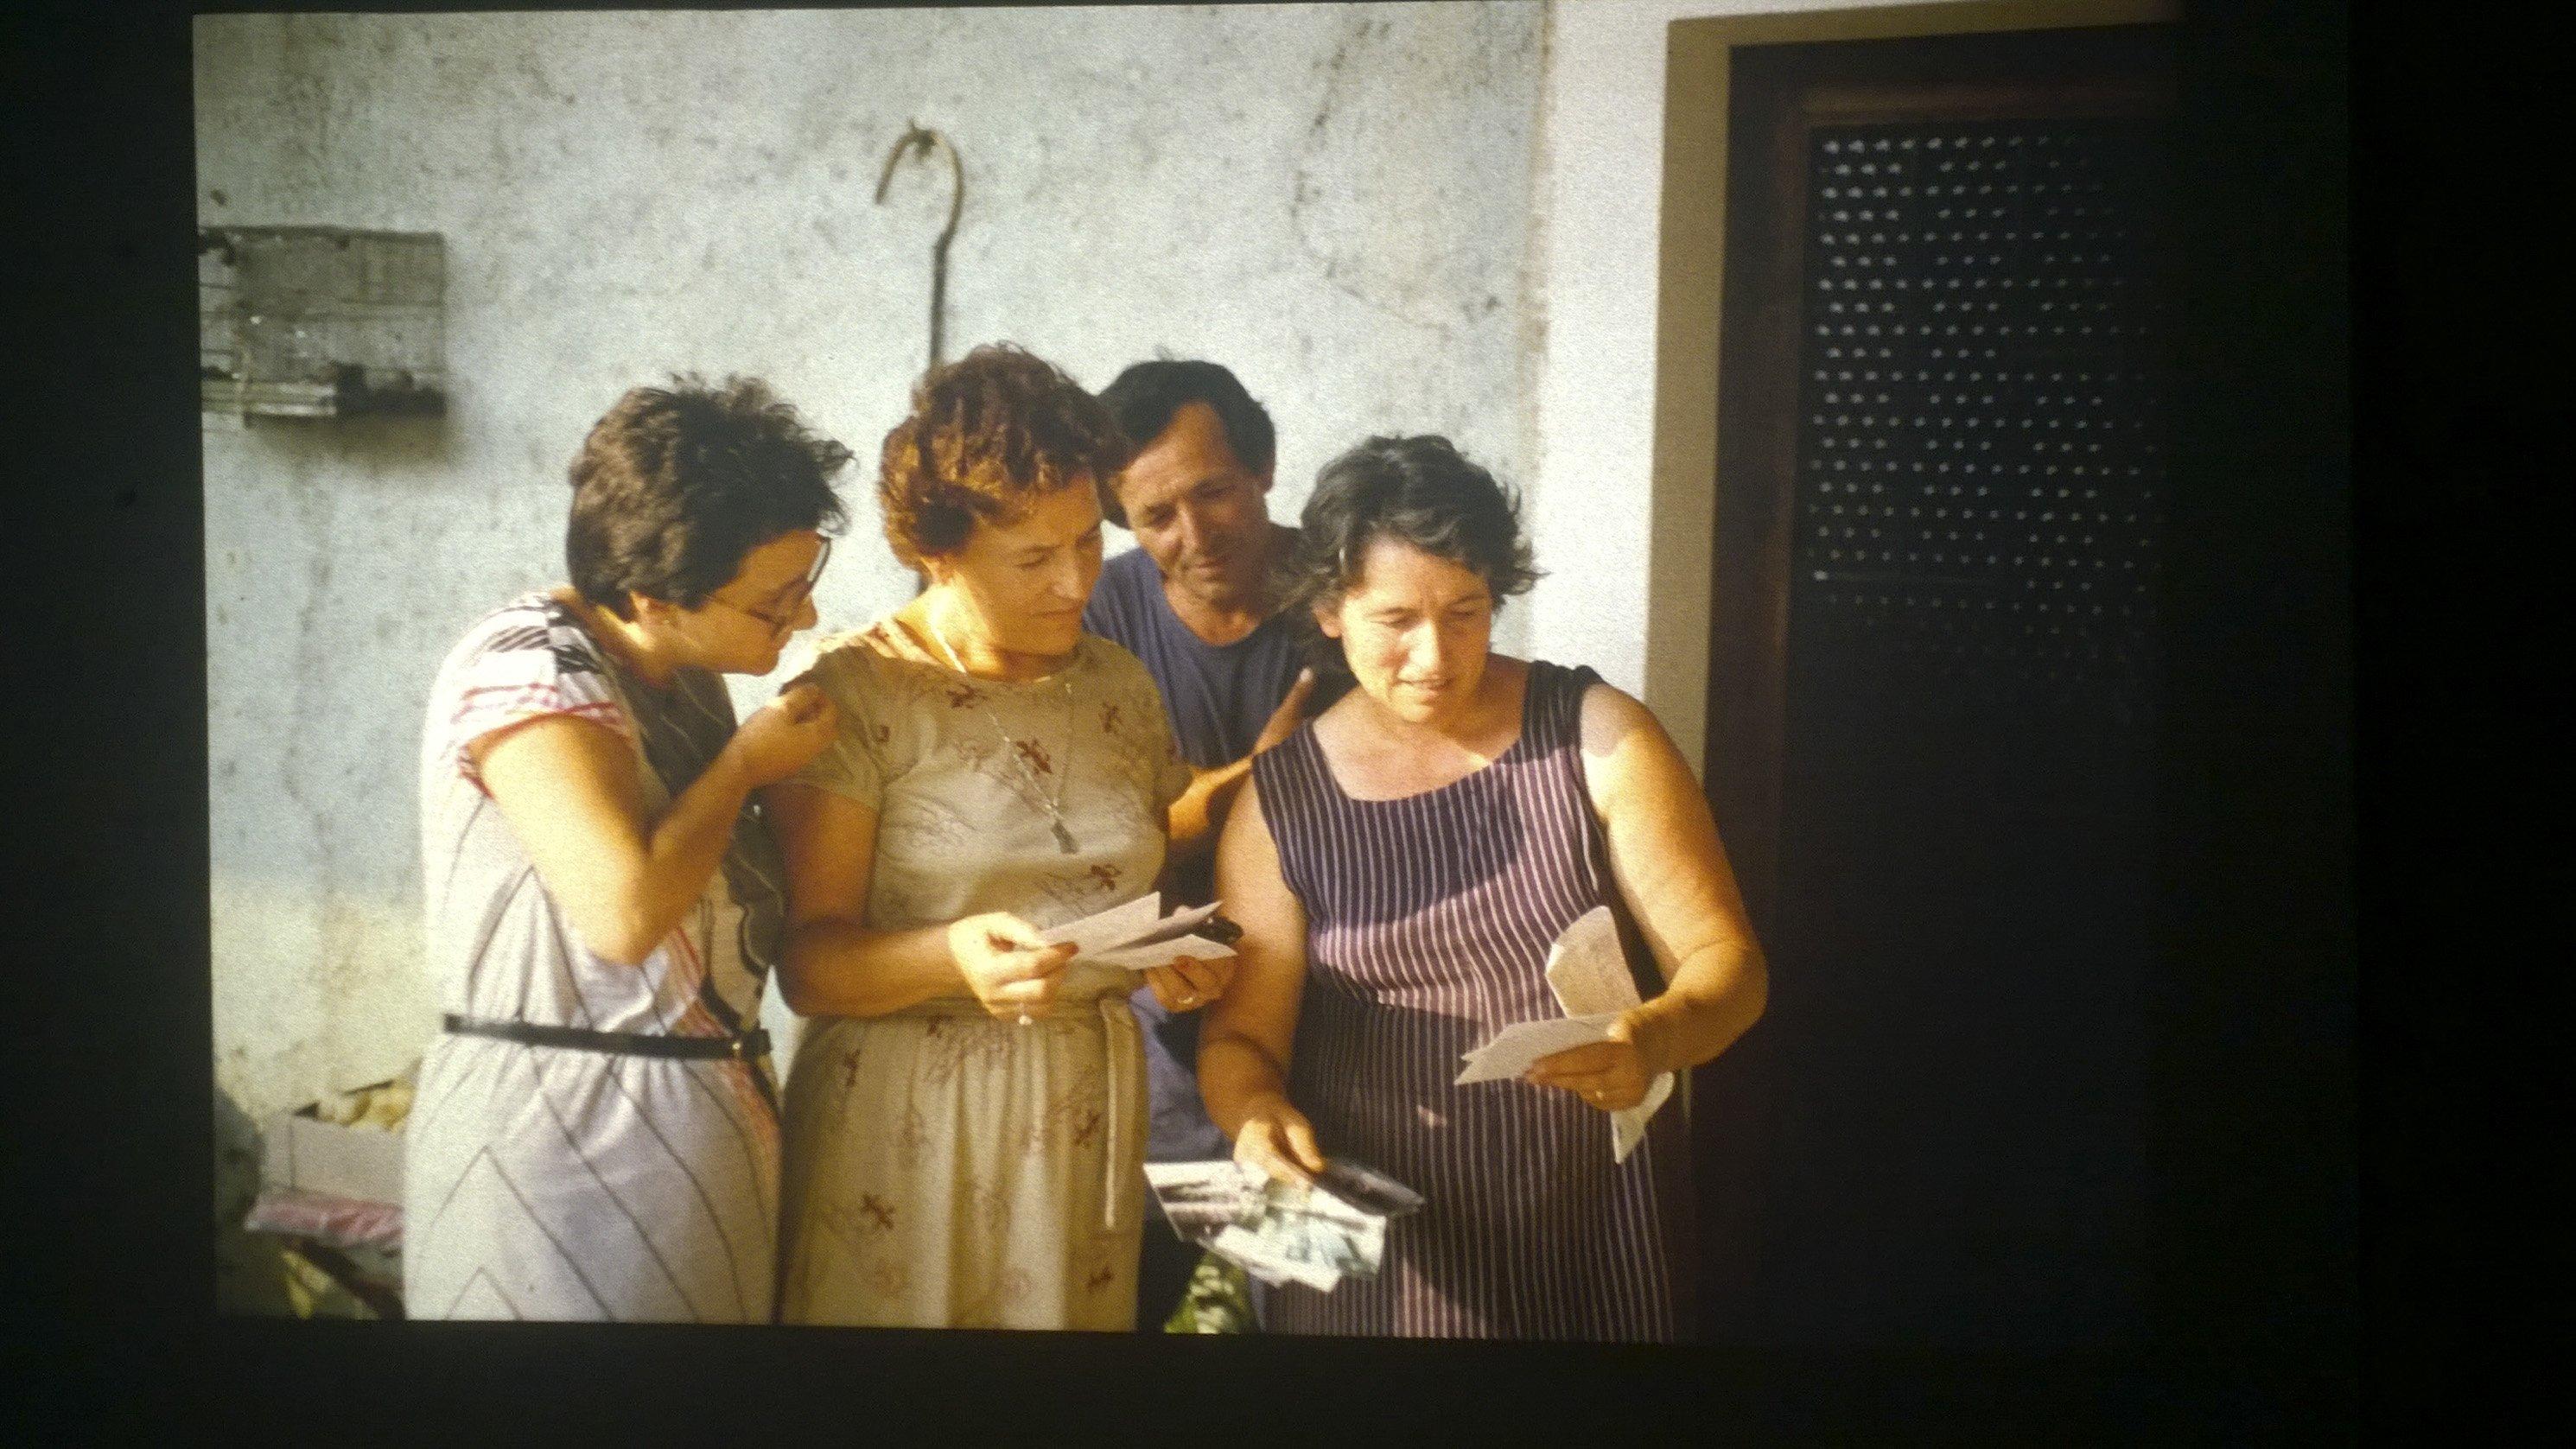 gruppo guarda fotografie importanti